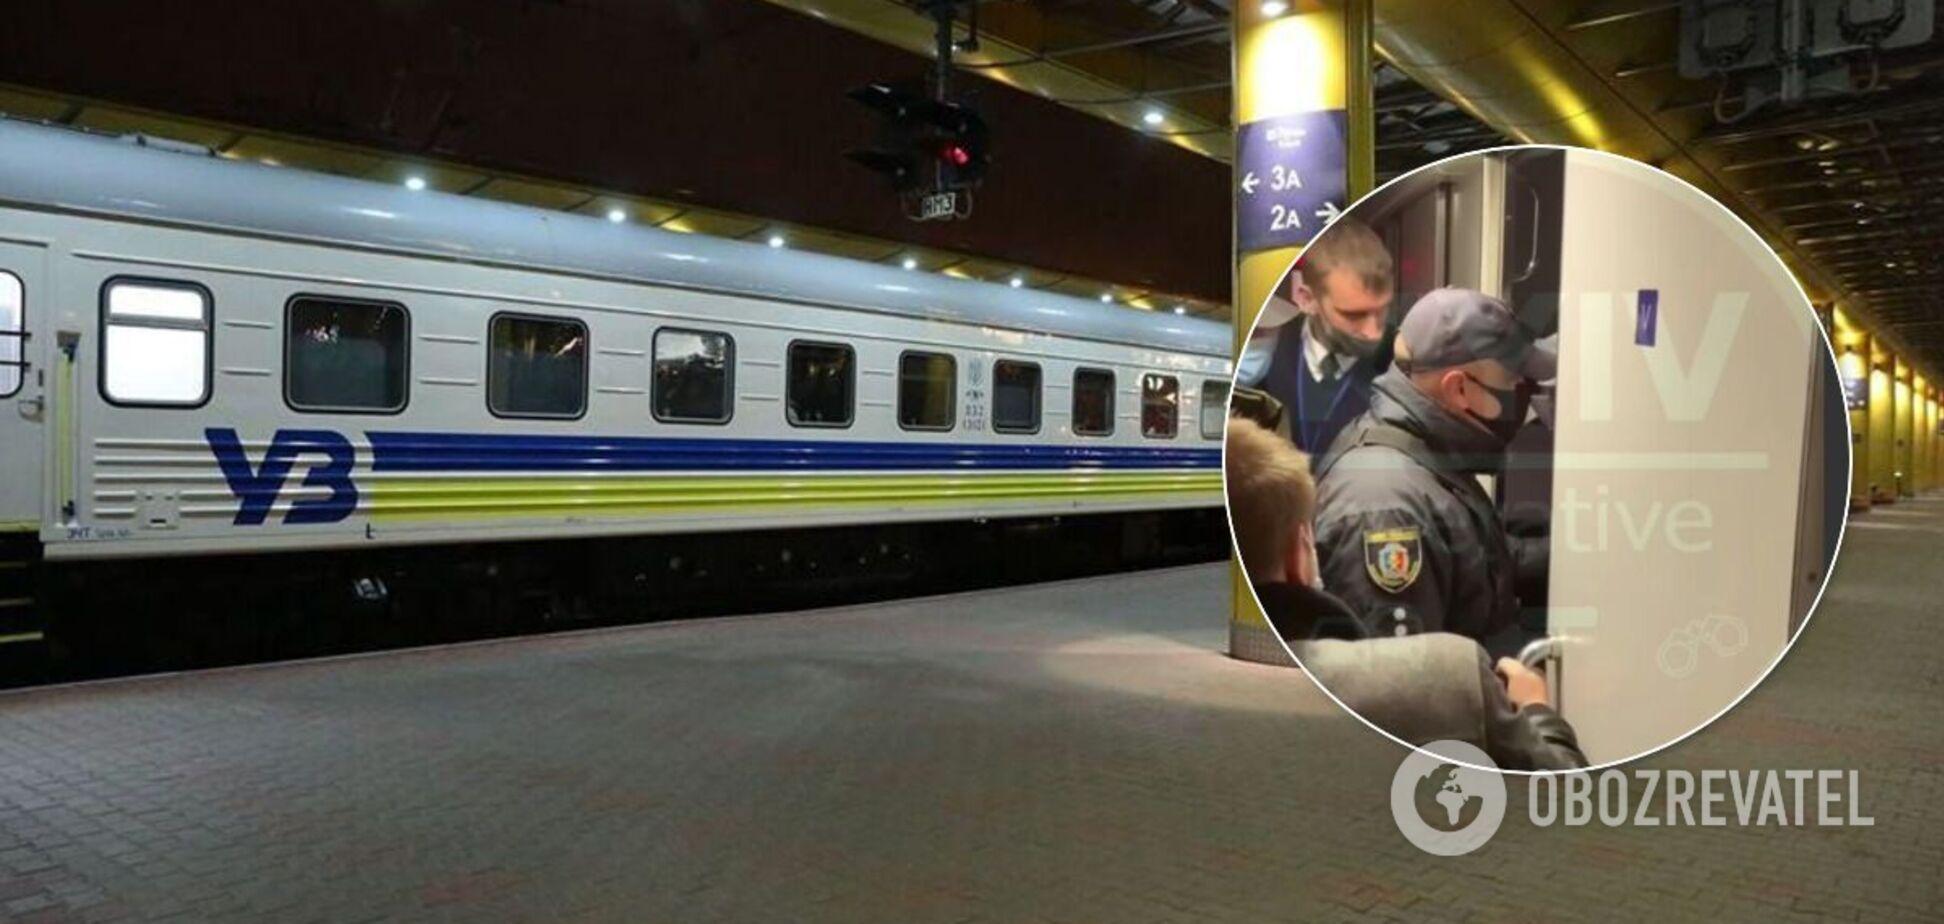 Поїзд Львів-Київ зупинили через двох неадекватних дівчат